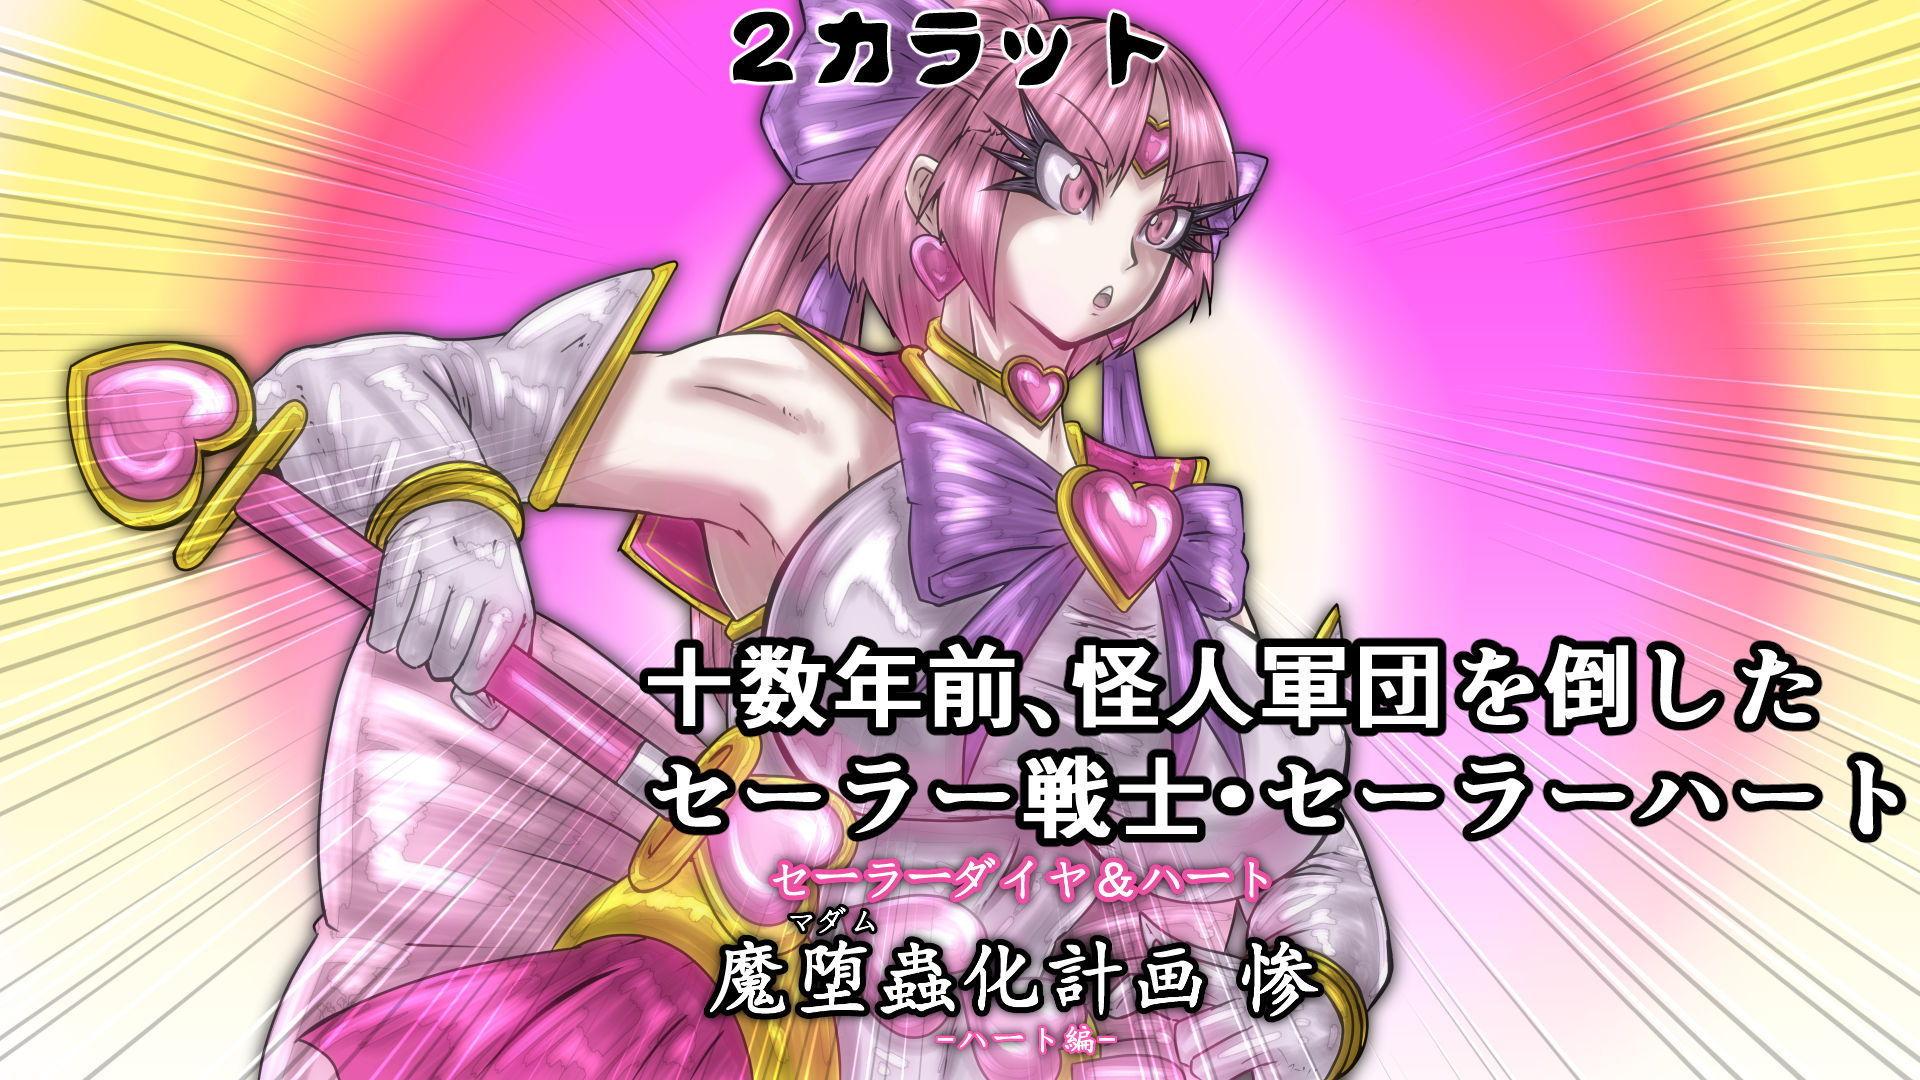 セーラーダイヤ&ハート 魔堕蟲化計画 惨 -ハート編-